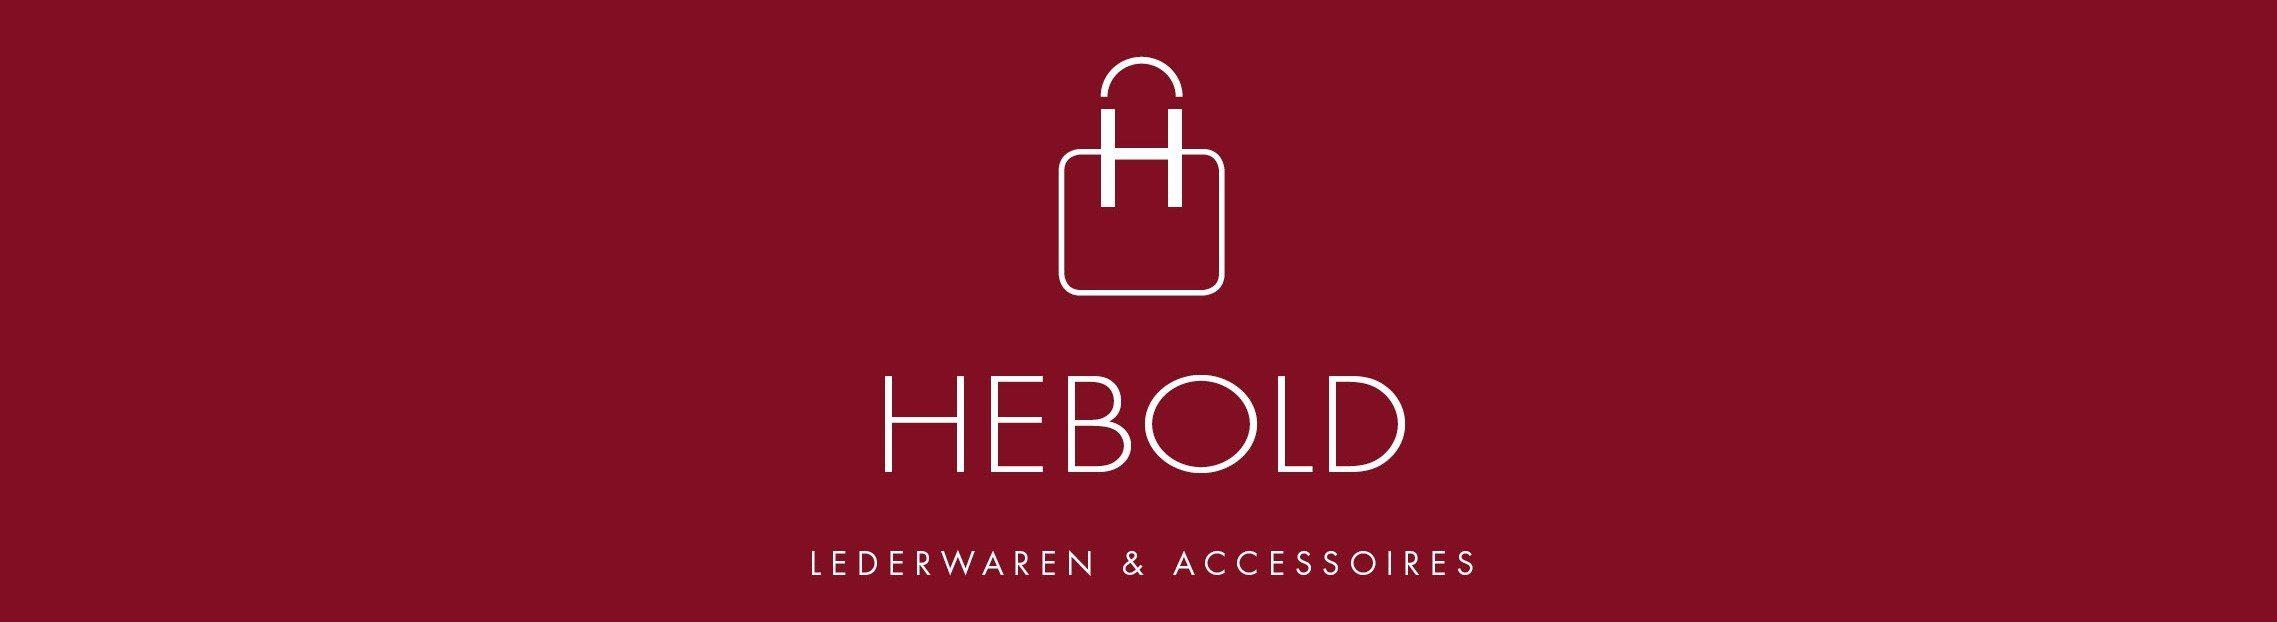 Hebold24 – Willkommen bei HEBOLD Lederwaren & Accessoires